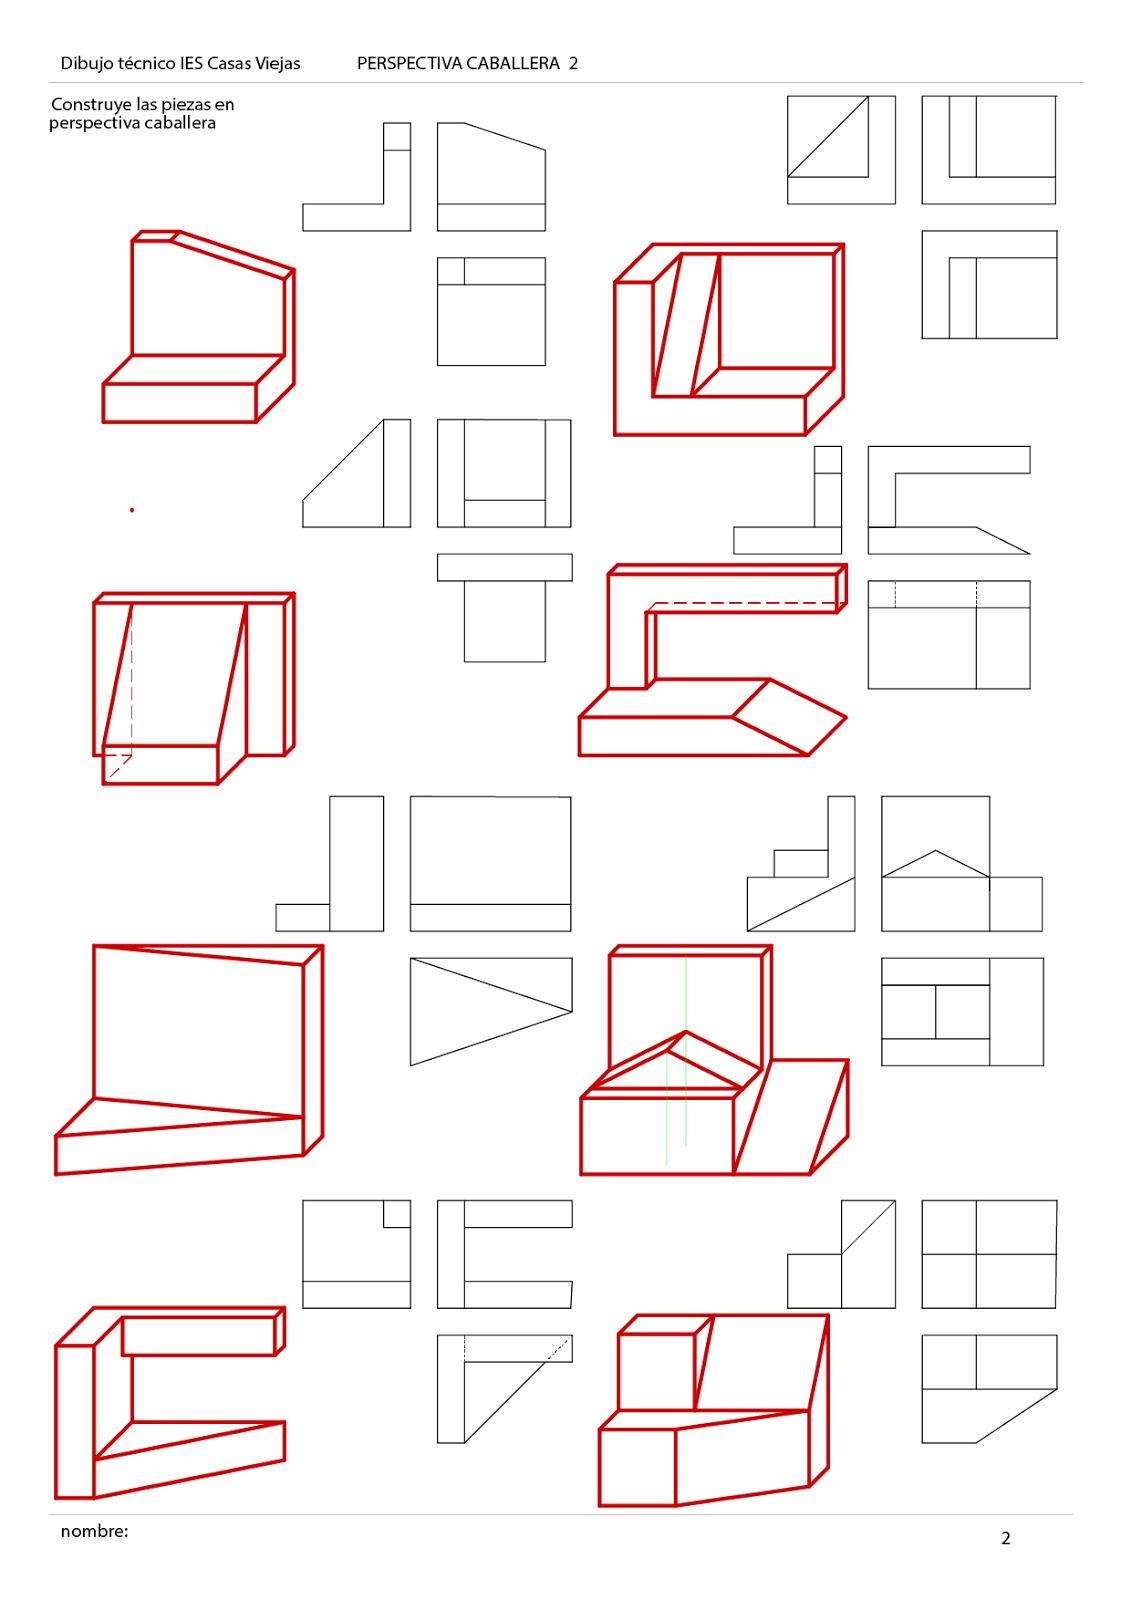 Resultado De Imagen De Perspectiva Caballera Ejercicios De Dibujo Perspectiva Caballera Tecnicas De Dibujo